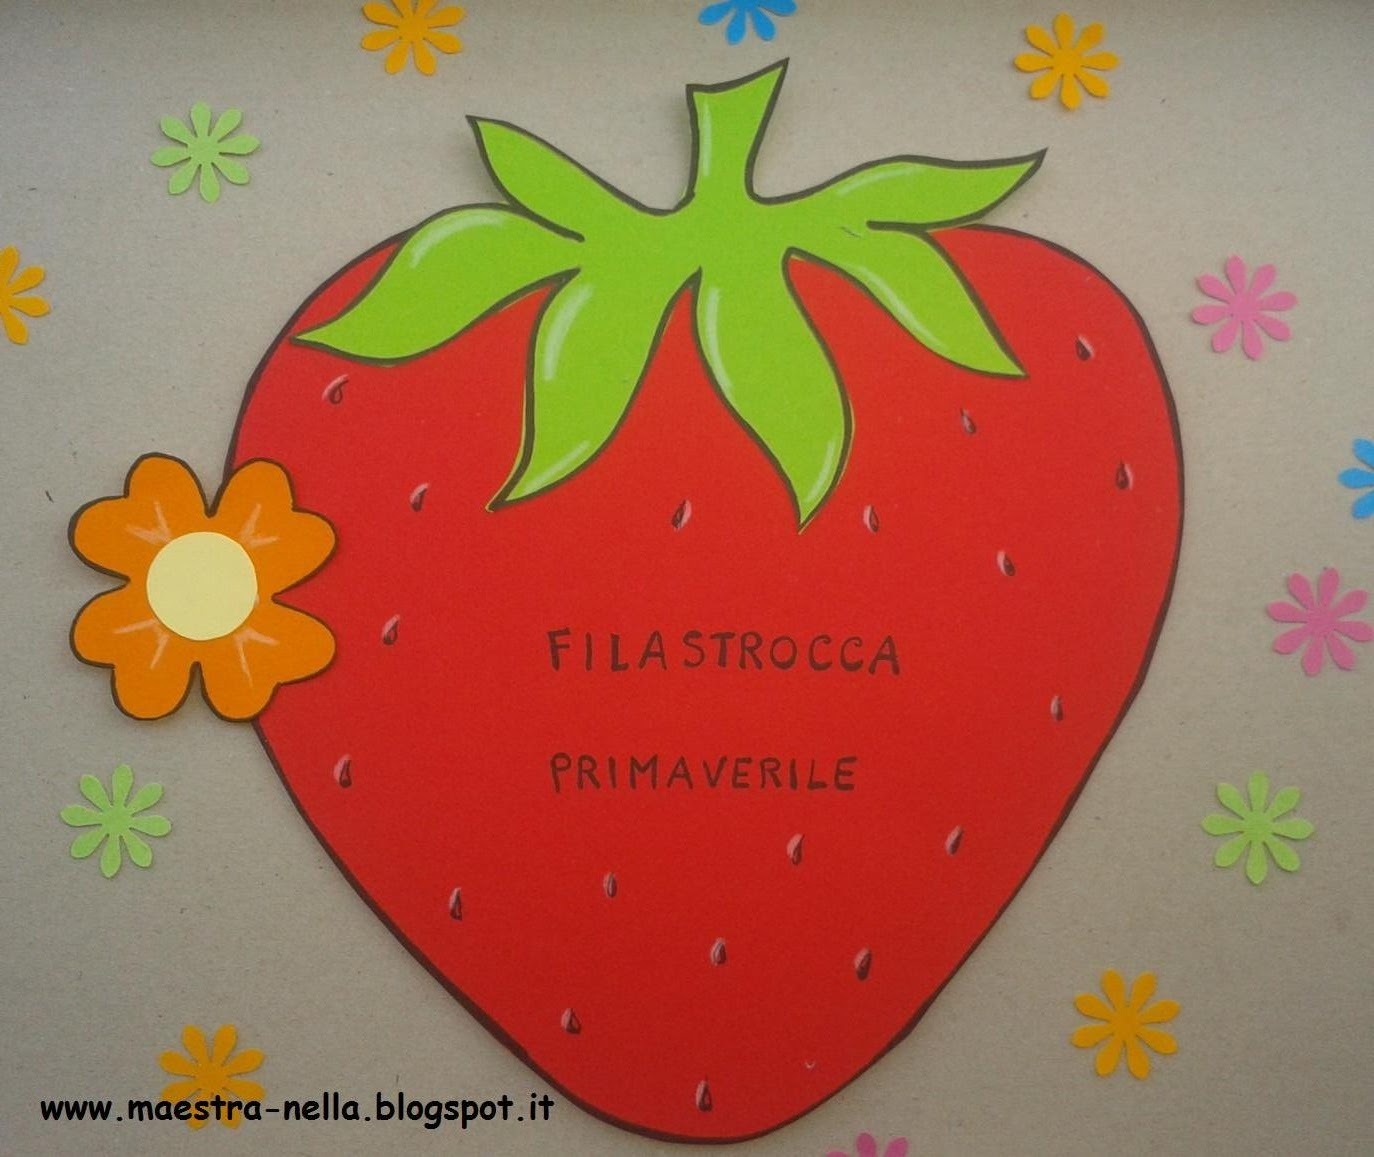 Maestra Nella Libretto Filastrocca Primaverile